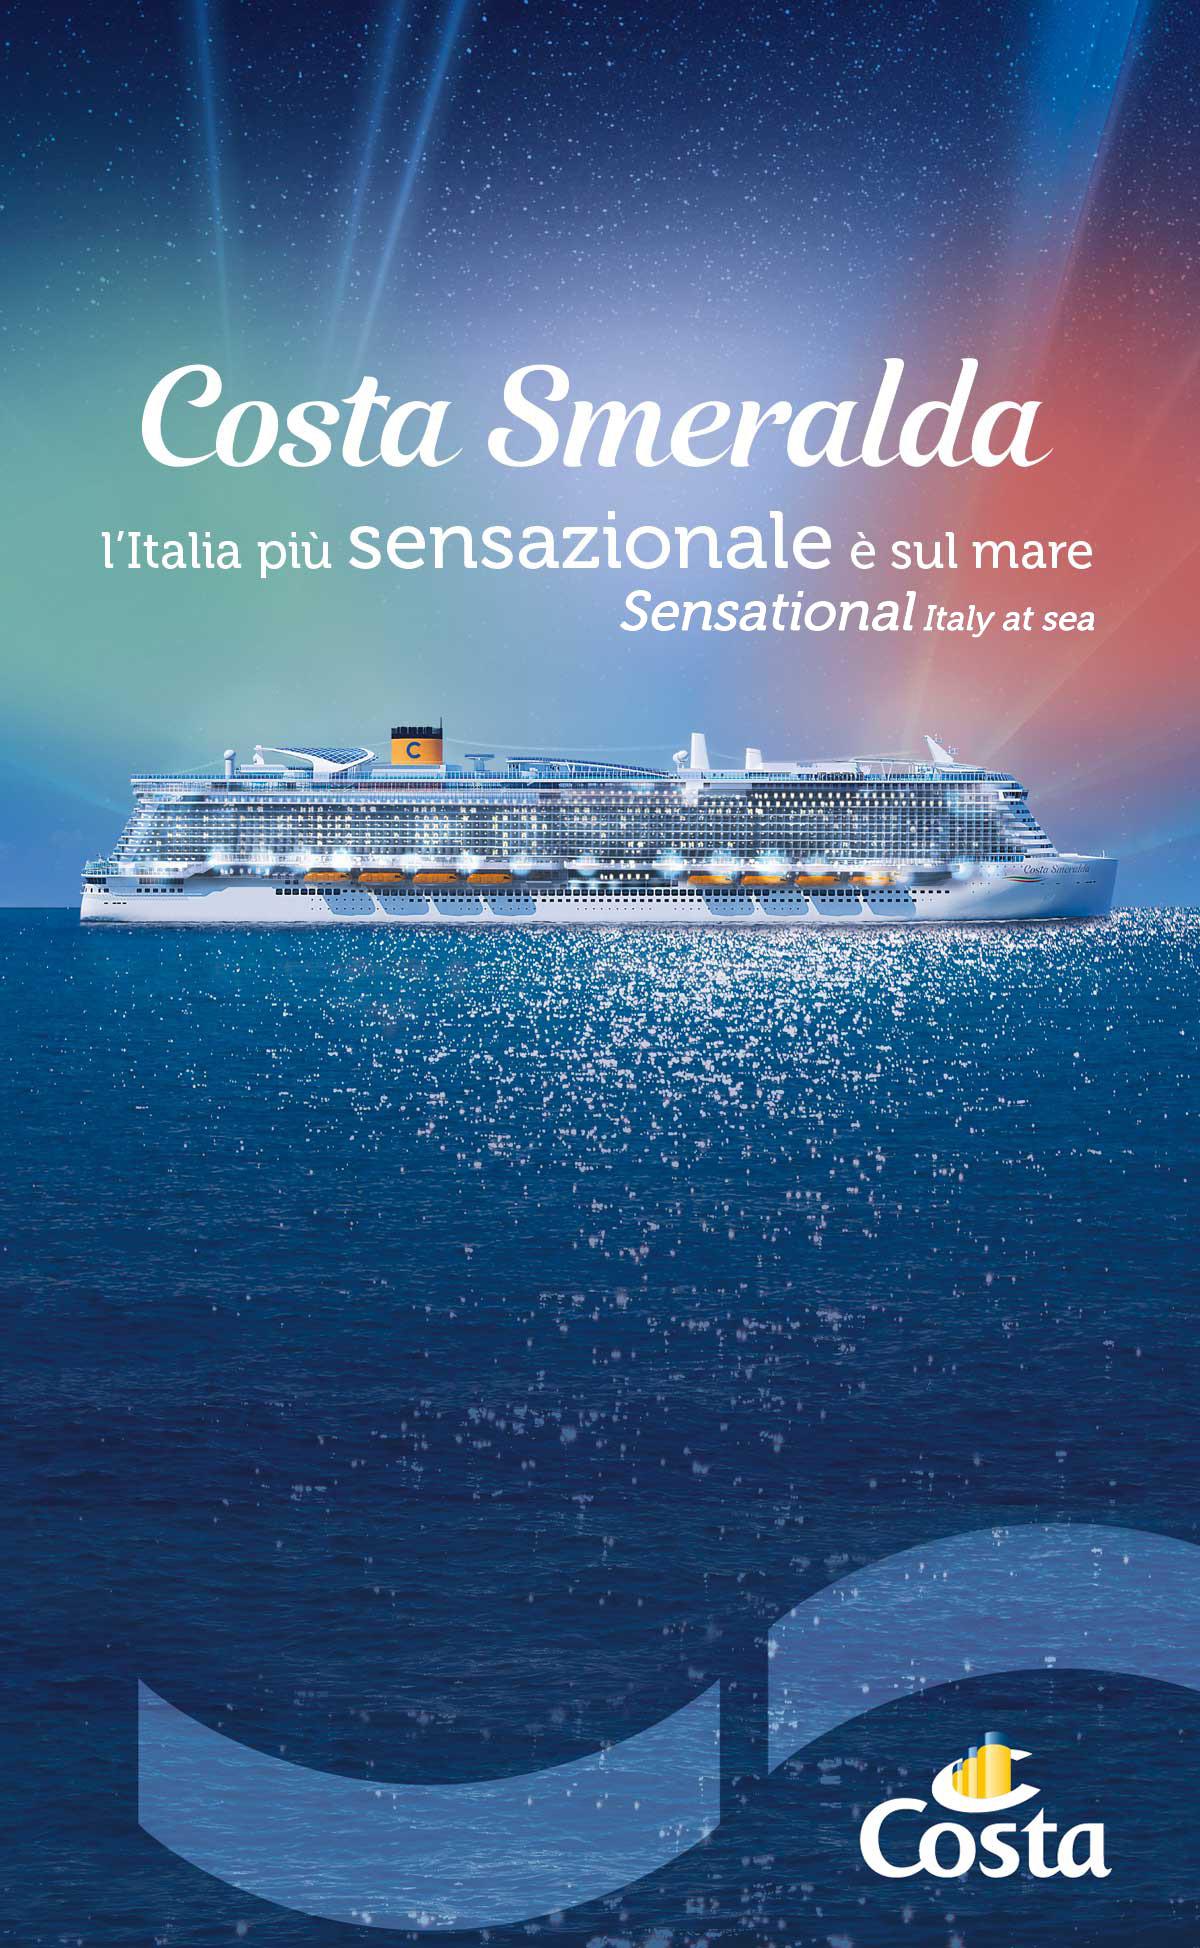 Flyer Costa Smeralda Sintesi/HUB agenzia pubblicità Trieste